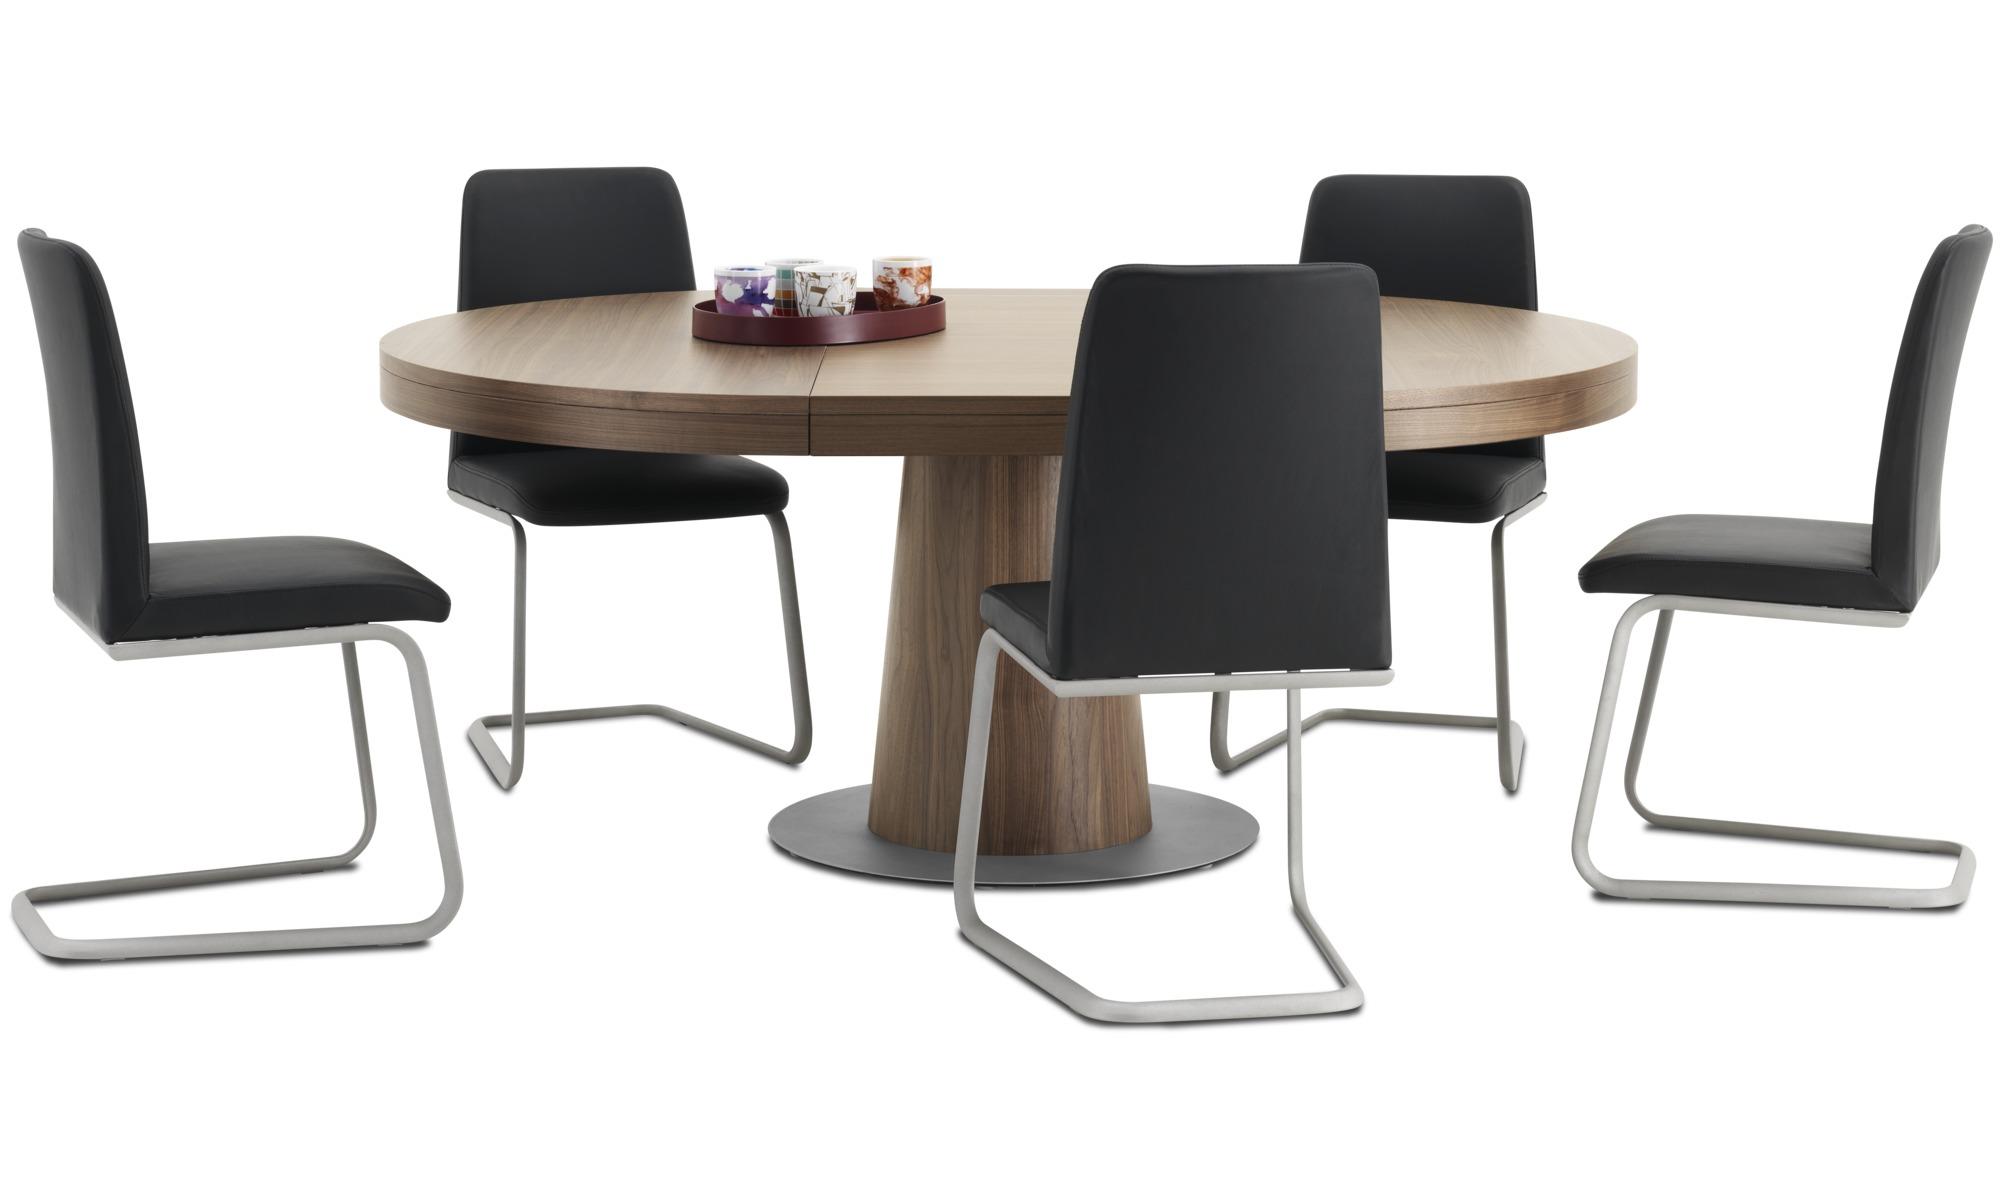 Bare ut Spiseborde - Granada bord med tillægsplade - BoConcept YC-87